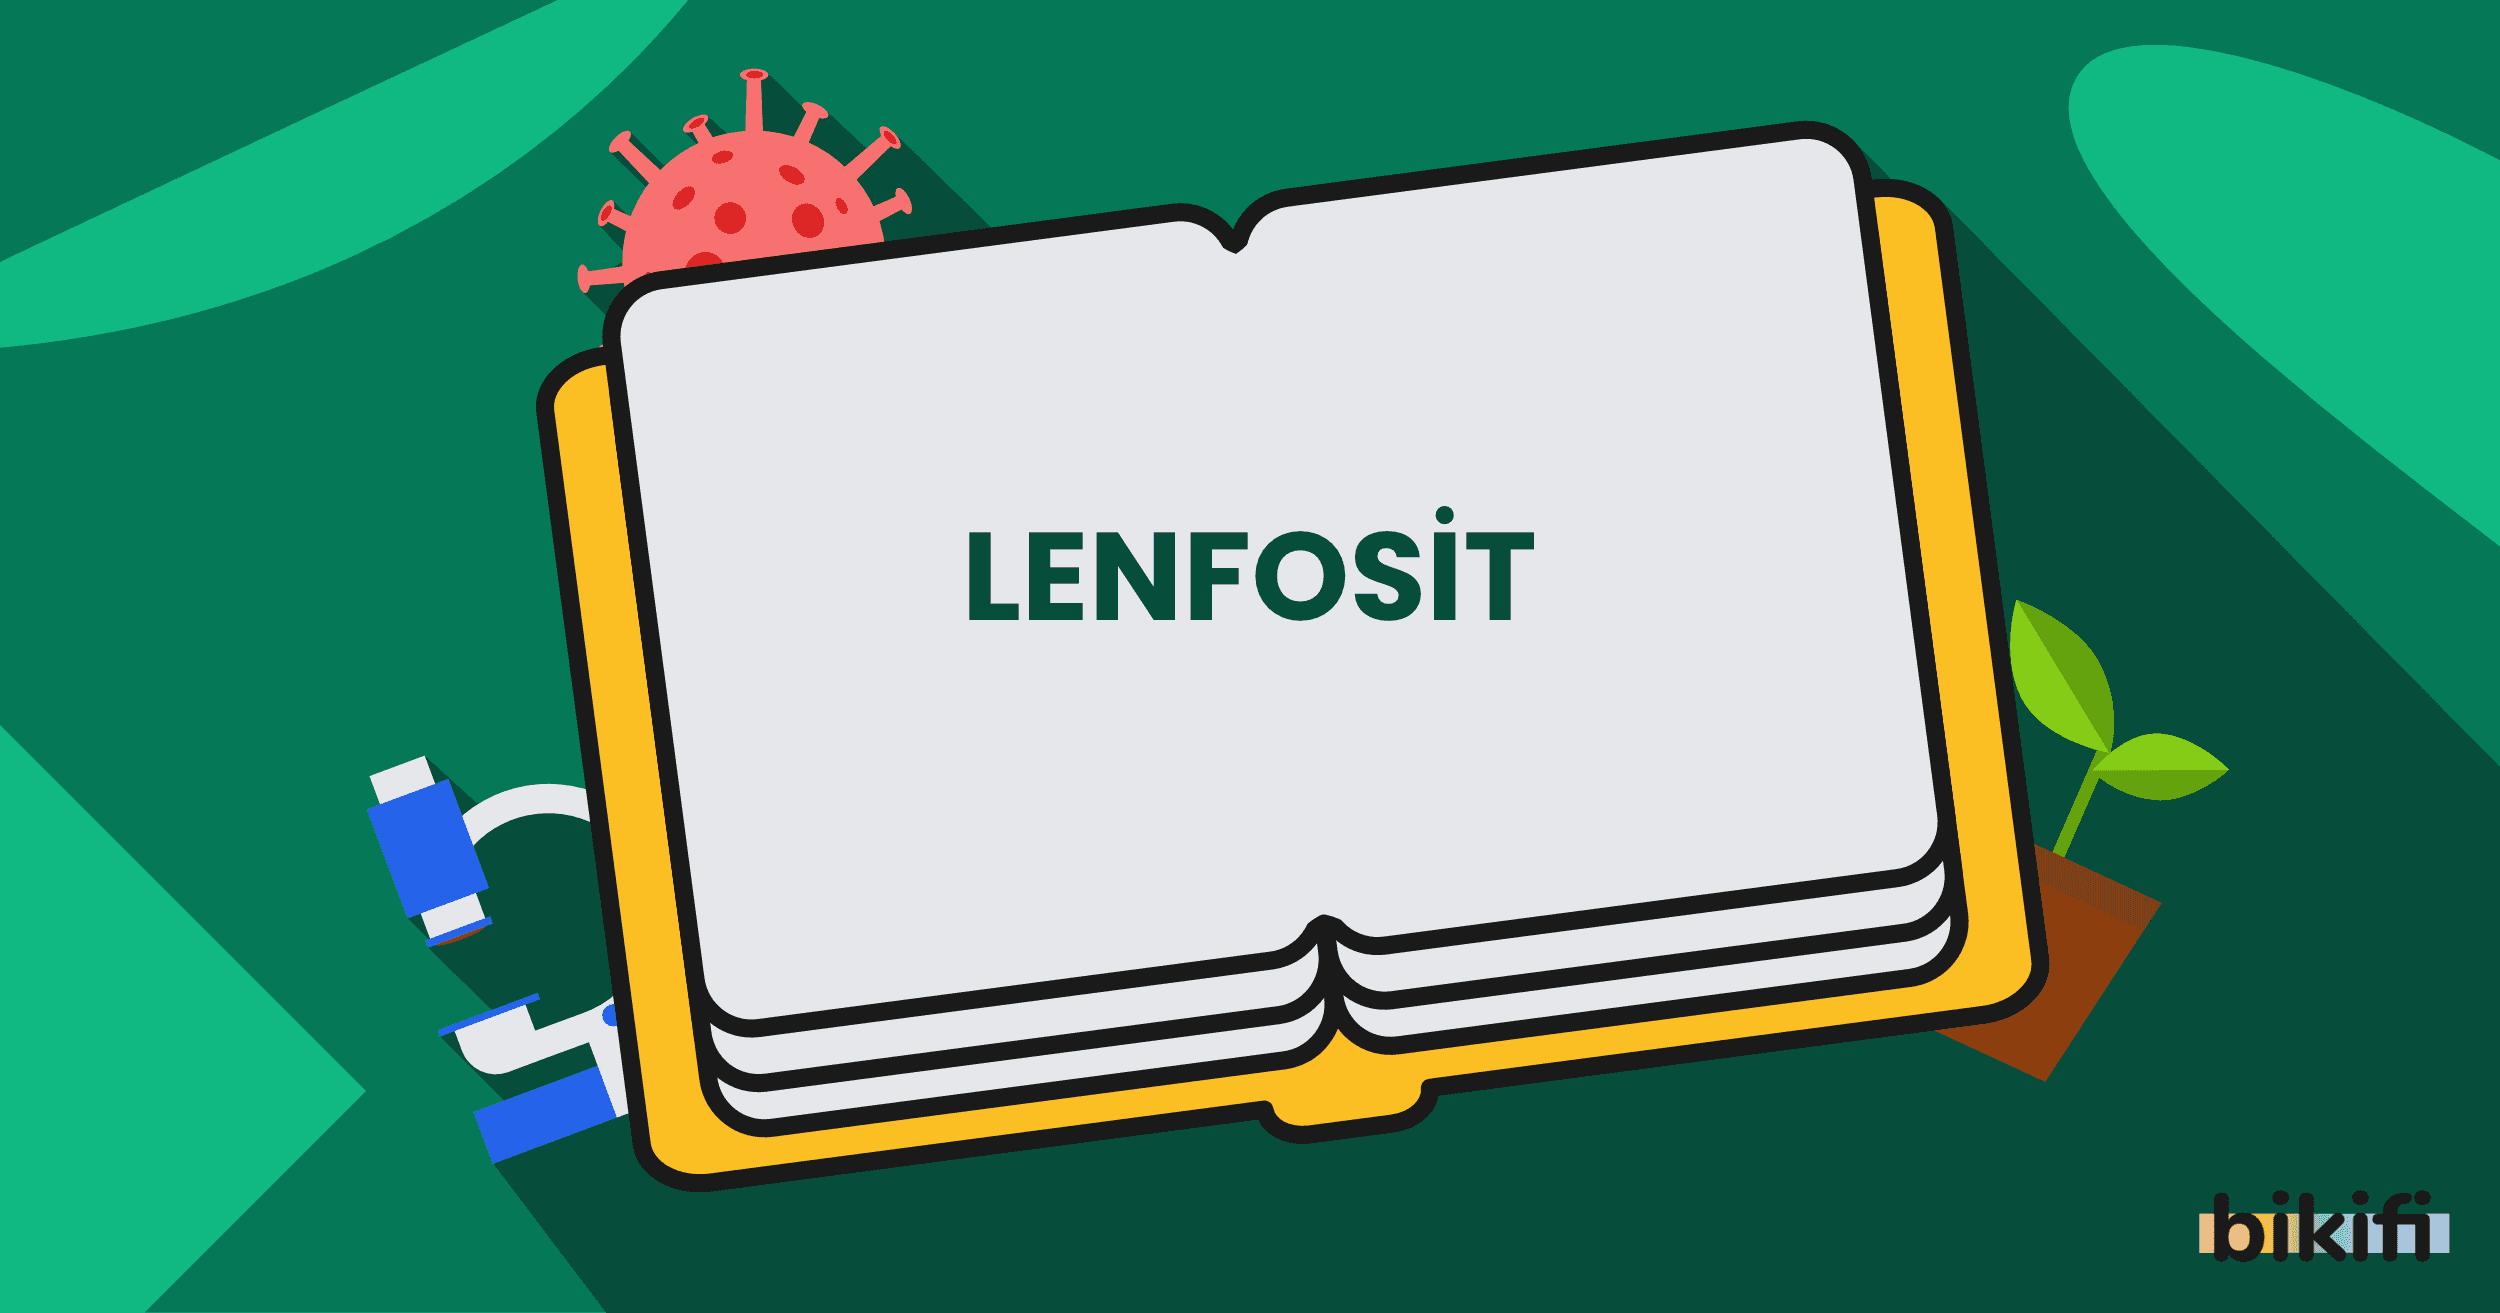 Lenfosit